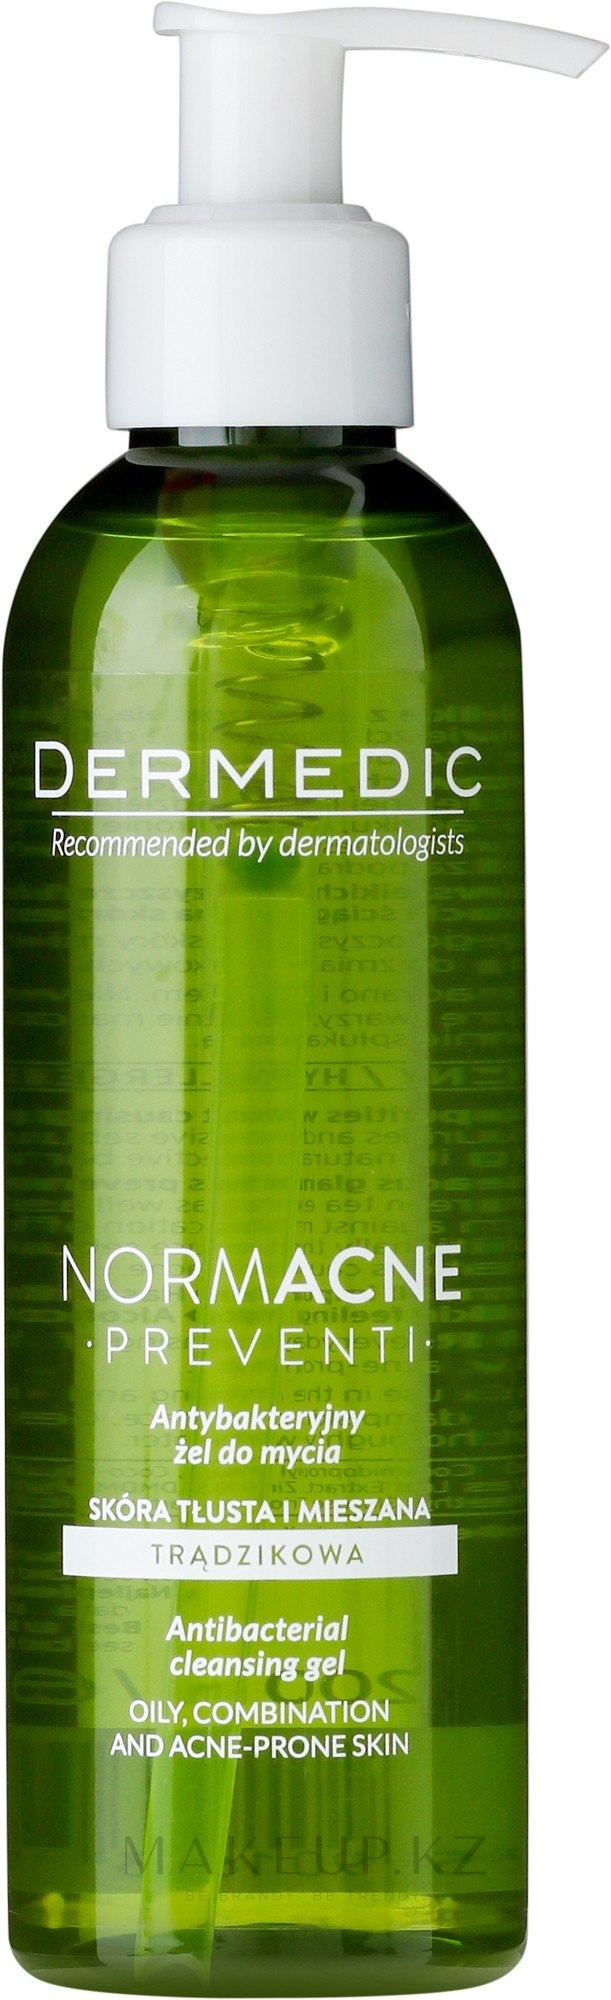 Гель для лица - Dermedic Normacne Antibacterial Cleansing Facial Gel — фото 200 ml